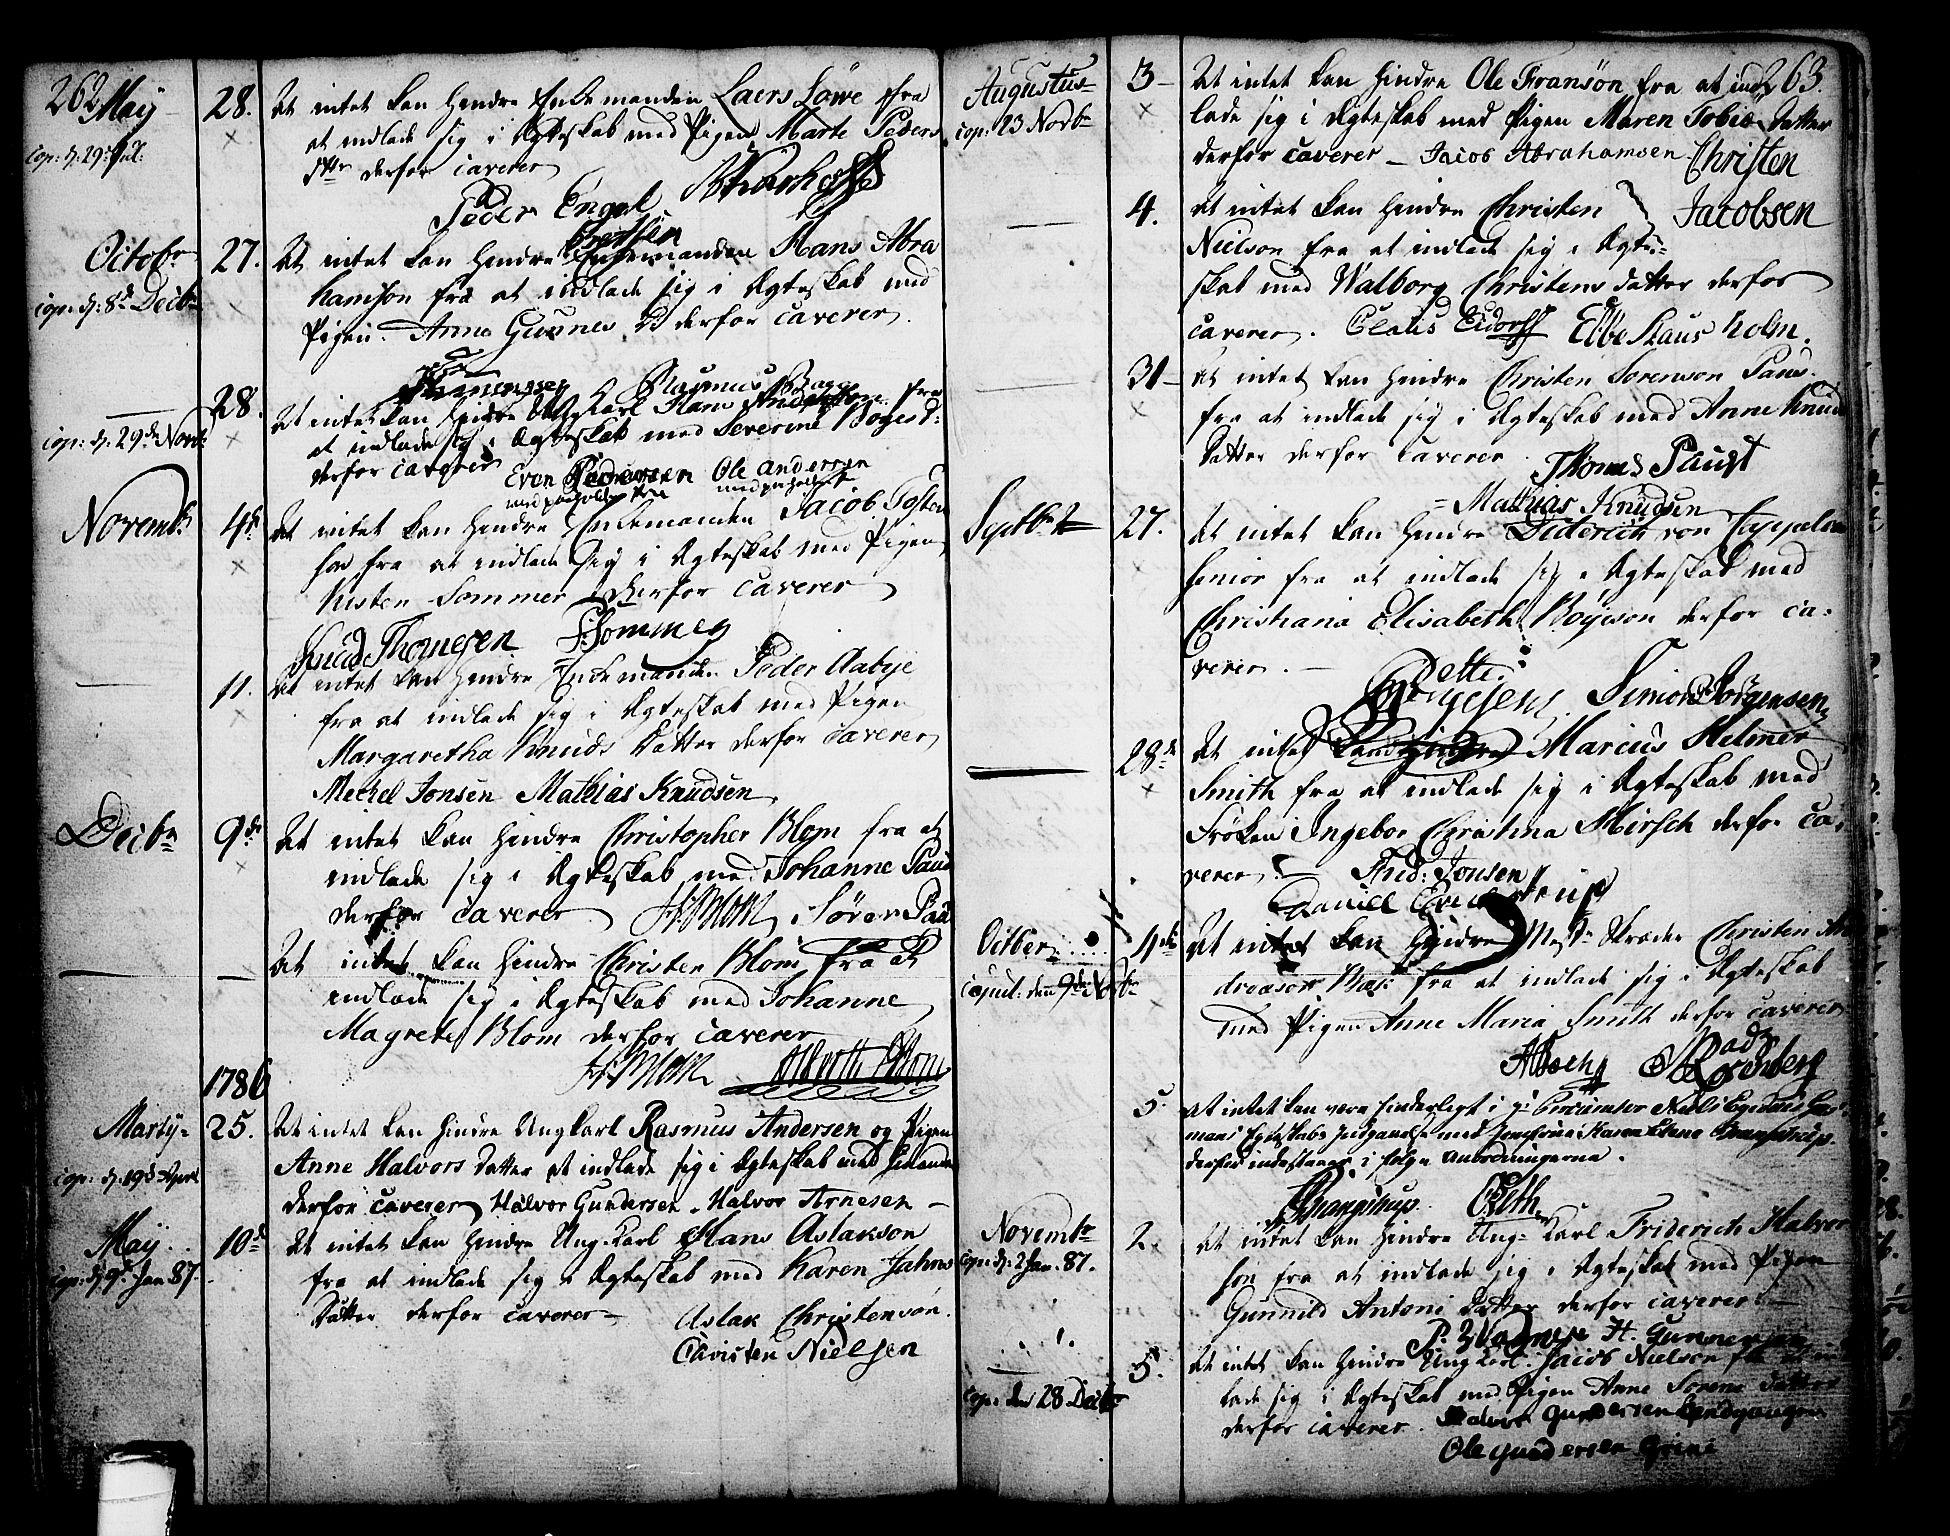 SAKO, Skien kirkebøker, F/Fa/L0003: Ministerialbok nr. 3, 1755-1791, s. 262-263